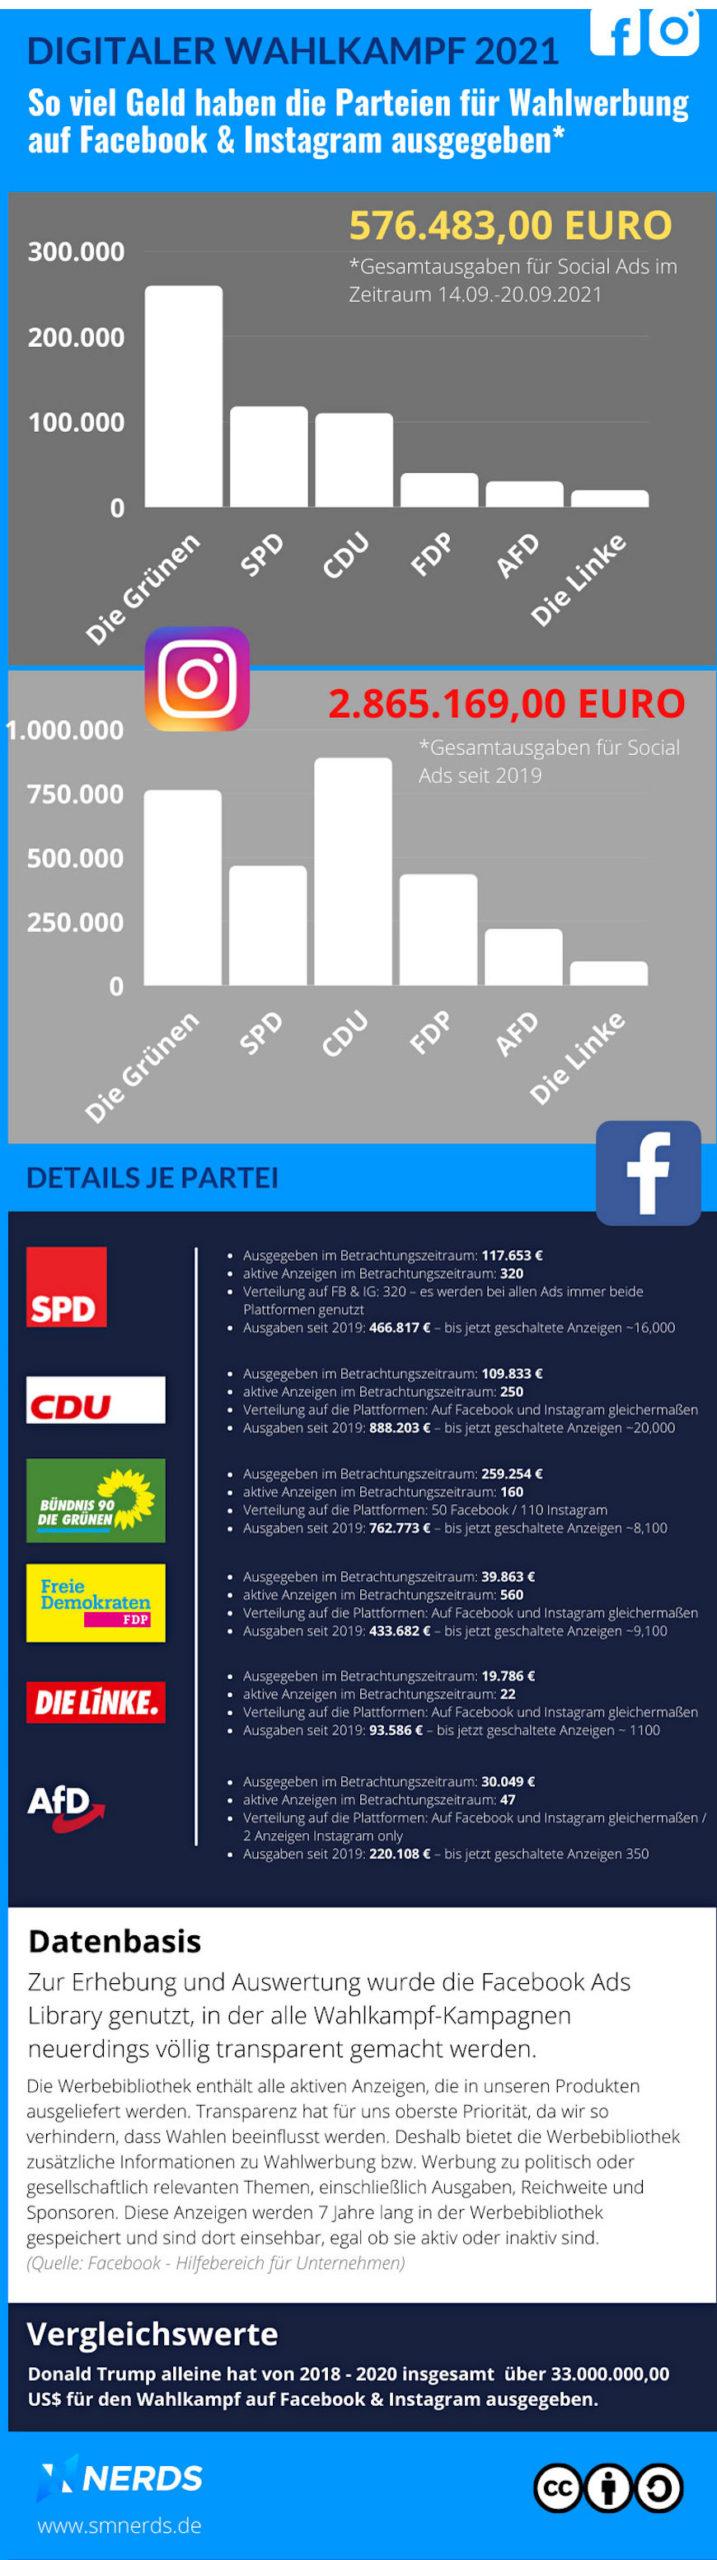 Infografik zum Wahlkampf der deutschen Parteien auf Facebook und Instagram